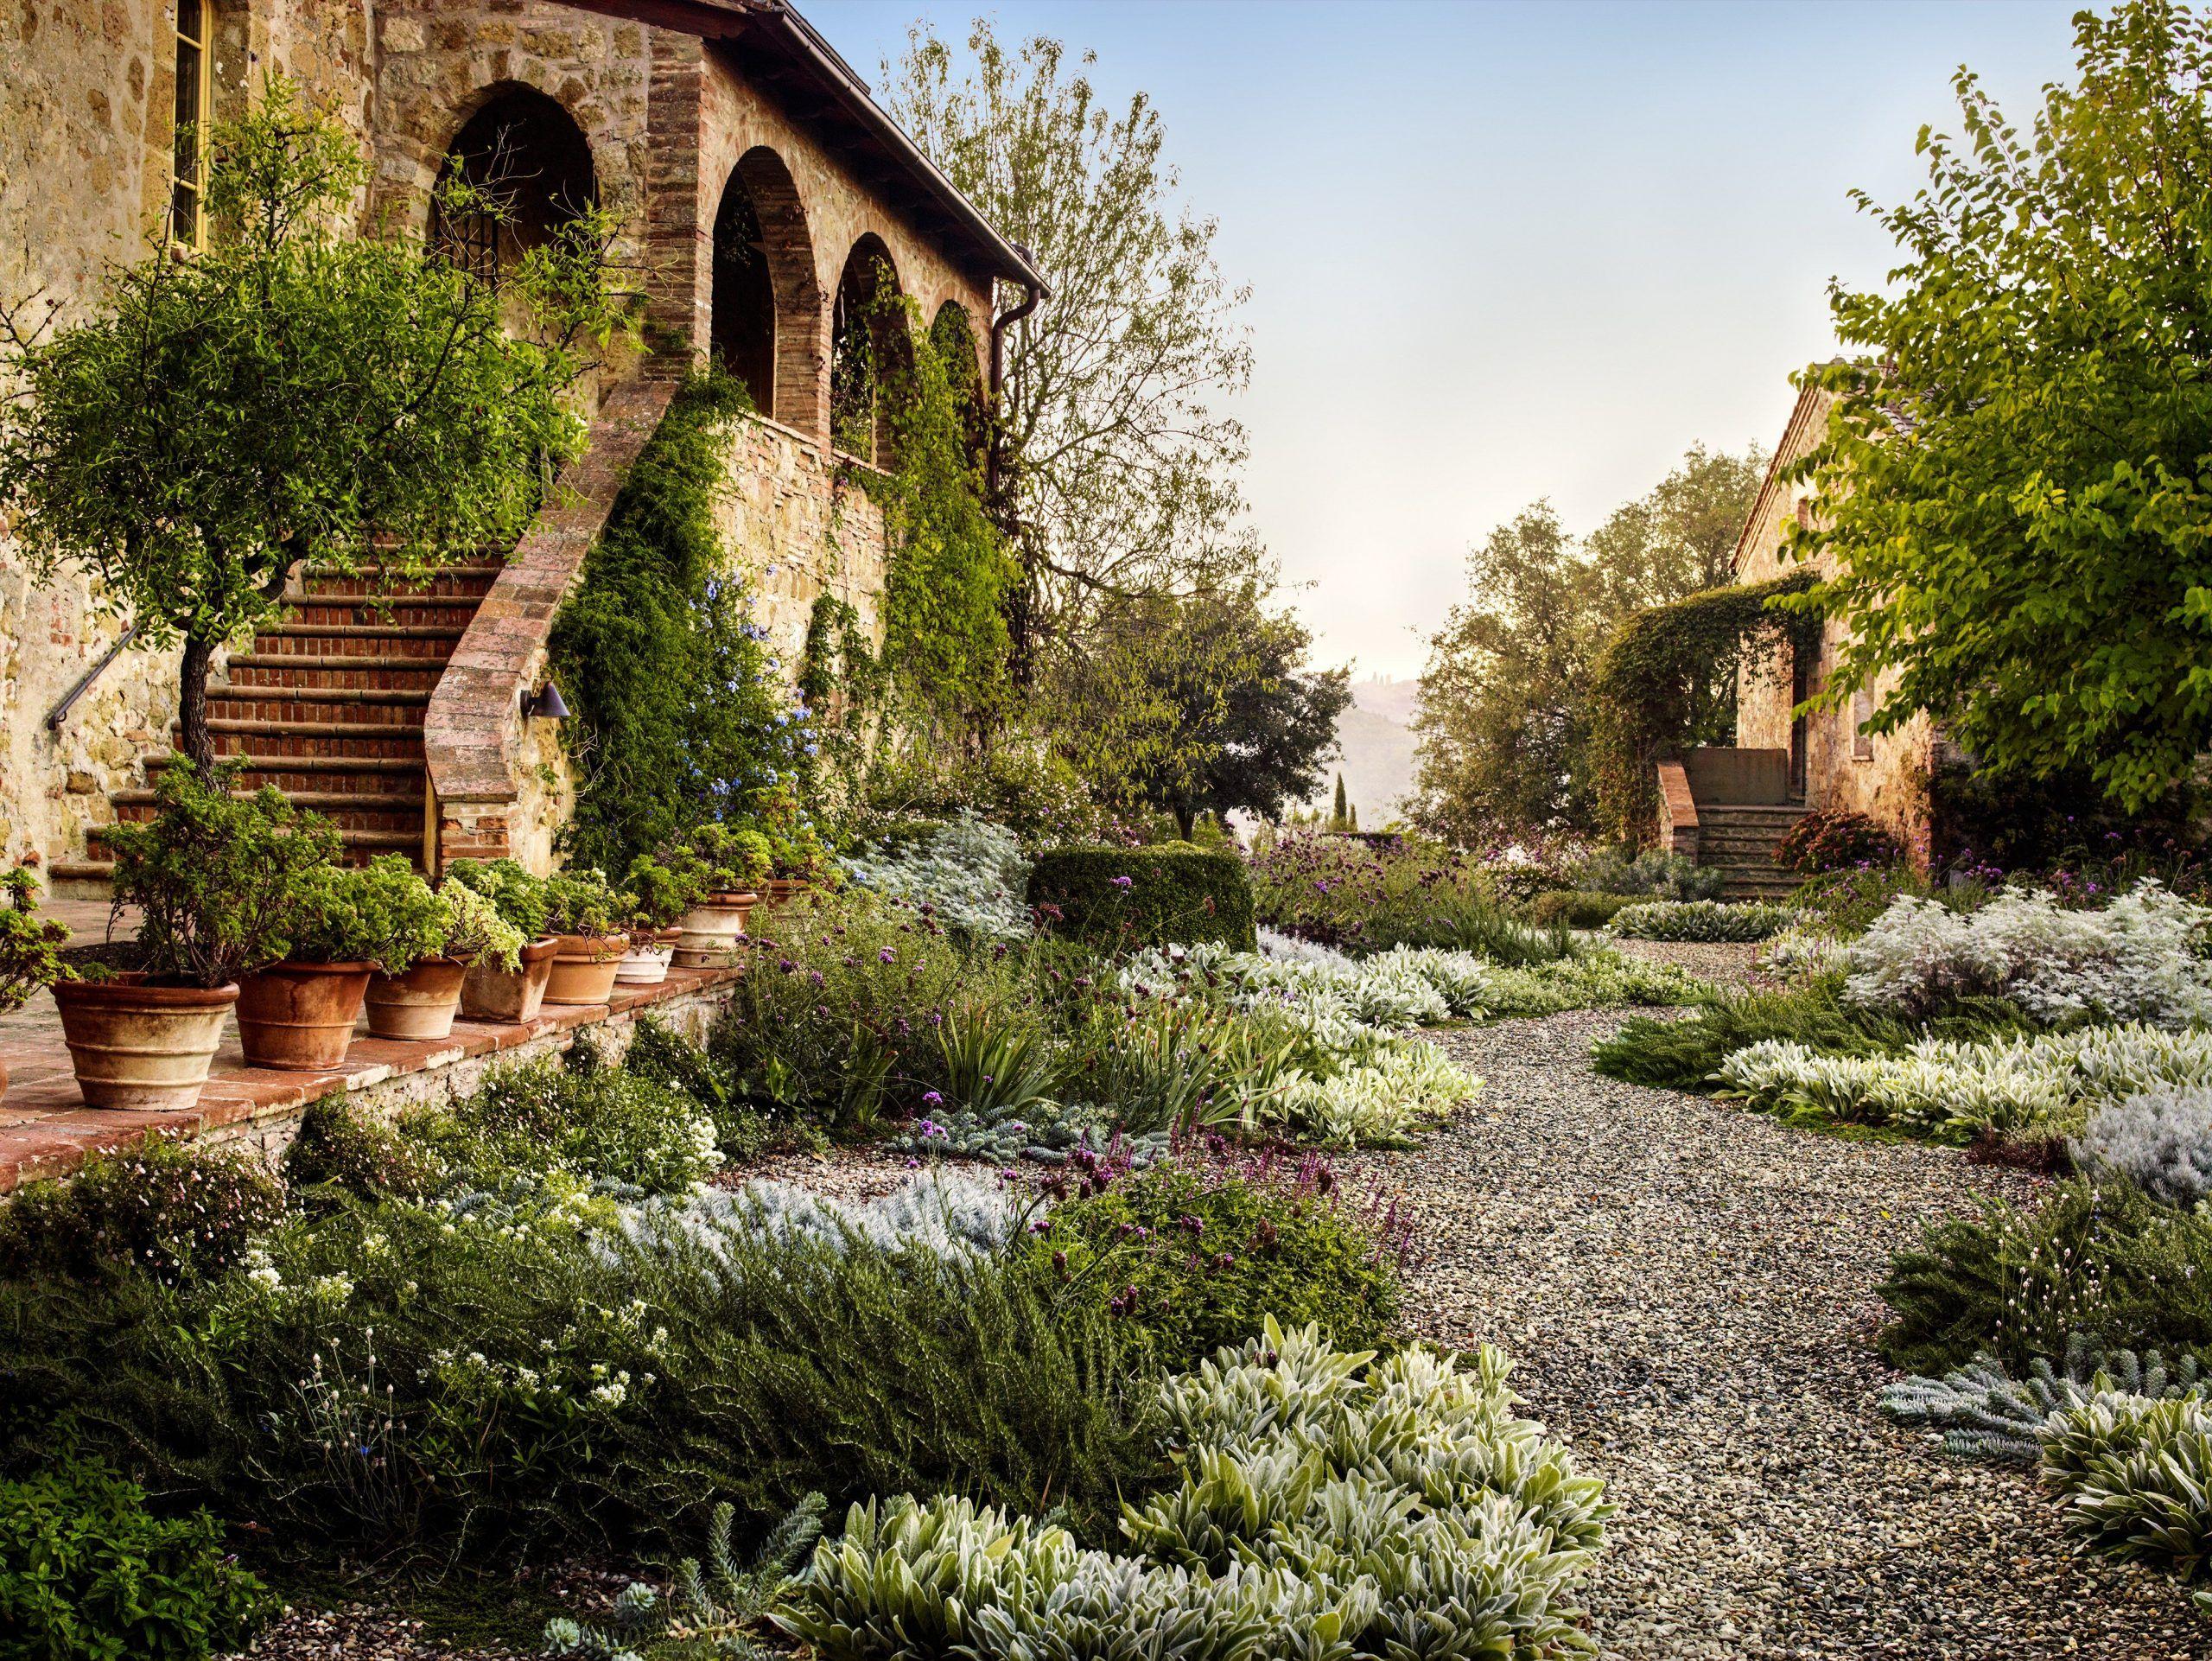 Under The Tuscan Sun Garden Designer Luciano Giubbilei S Italian Oasis Designer Garden In 2020 Toskanischer Garten Mediterrane Gartengestaltung Mediterraner Garten